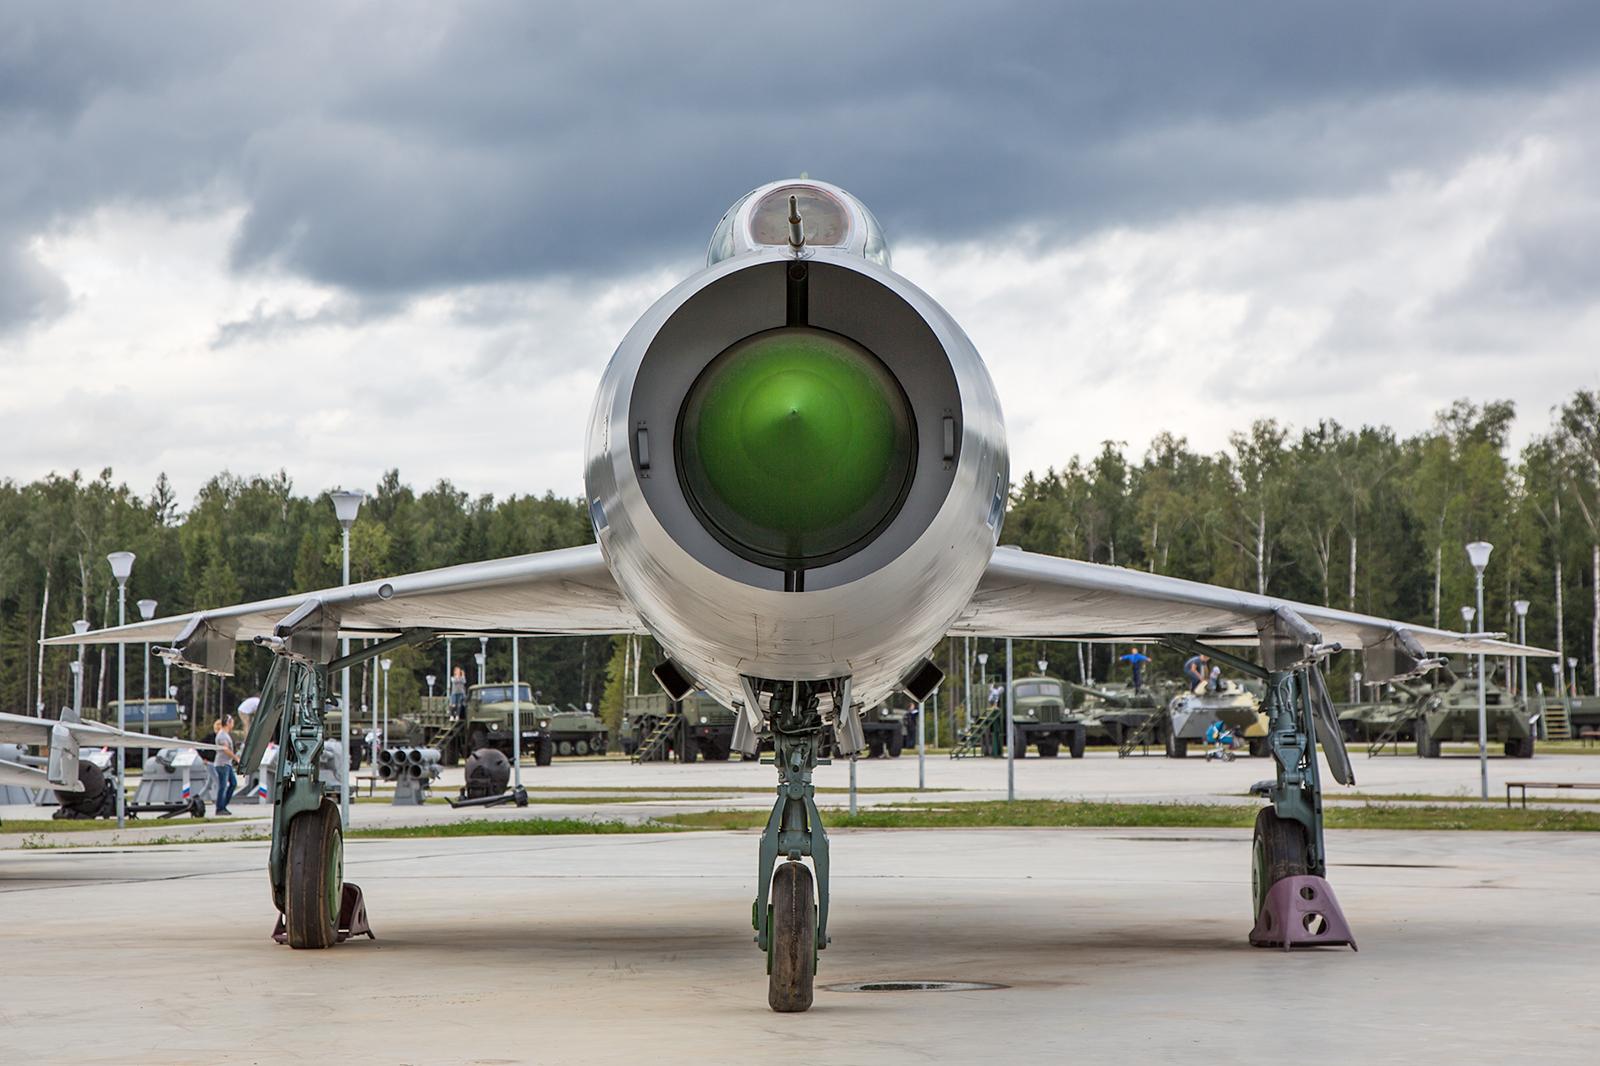 Frontansicht einer MiG-21, dem am häufigsten genutzten Einsatzmuster der Statten des Warschauer Paktes.